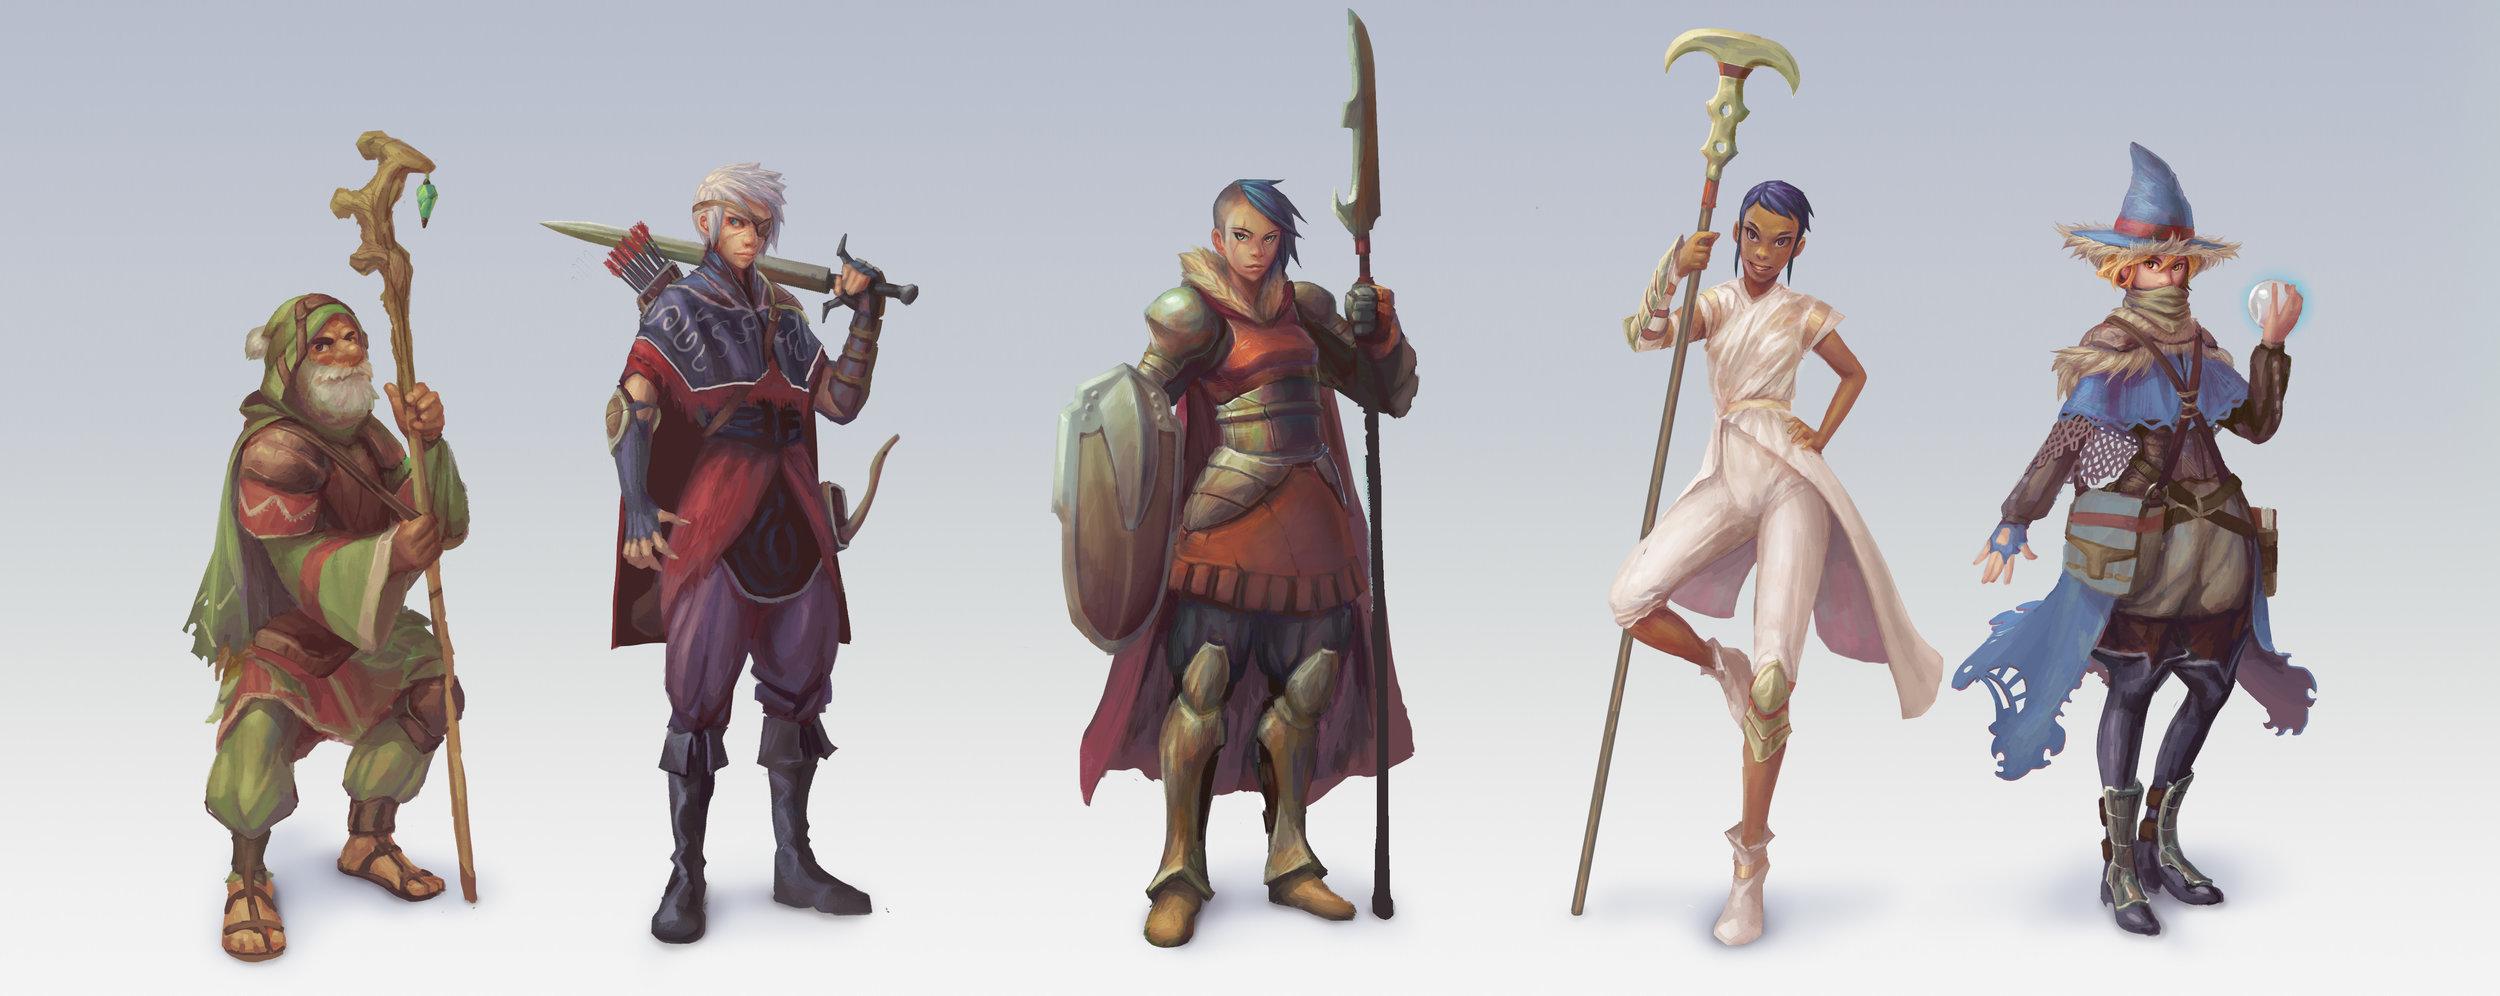 adventurer_concepts-by-adam-marin.jpg